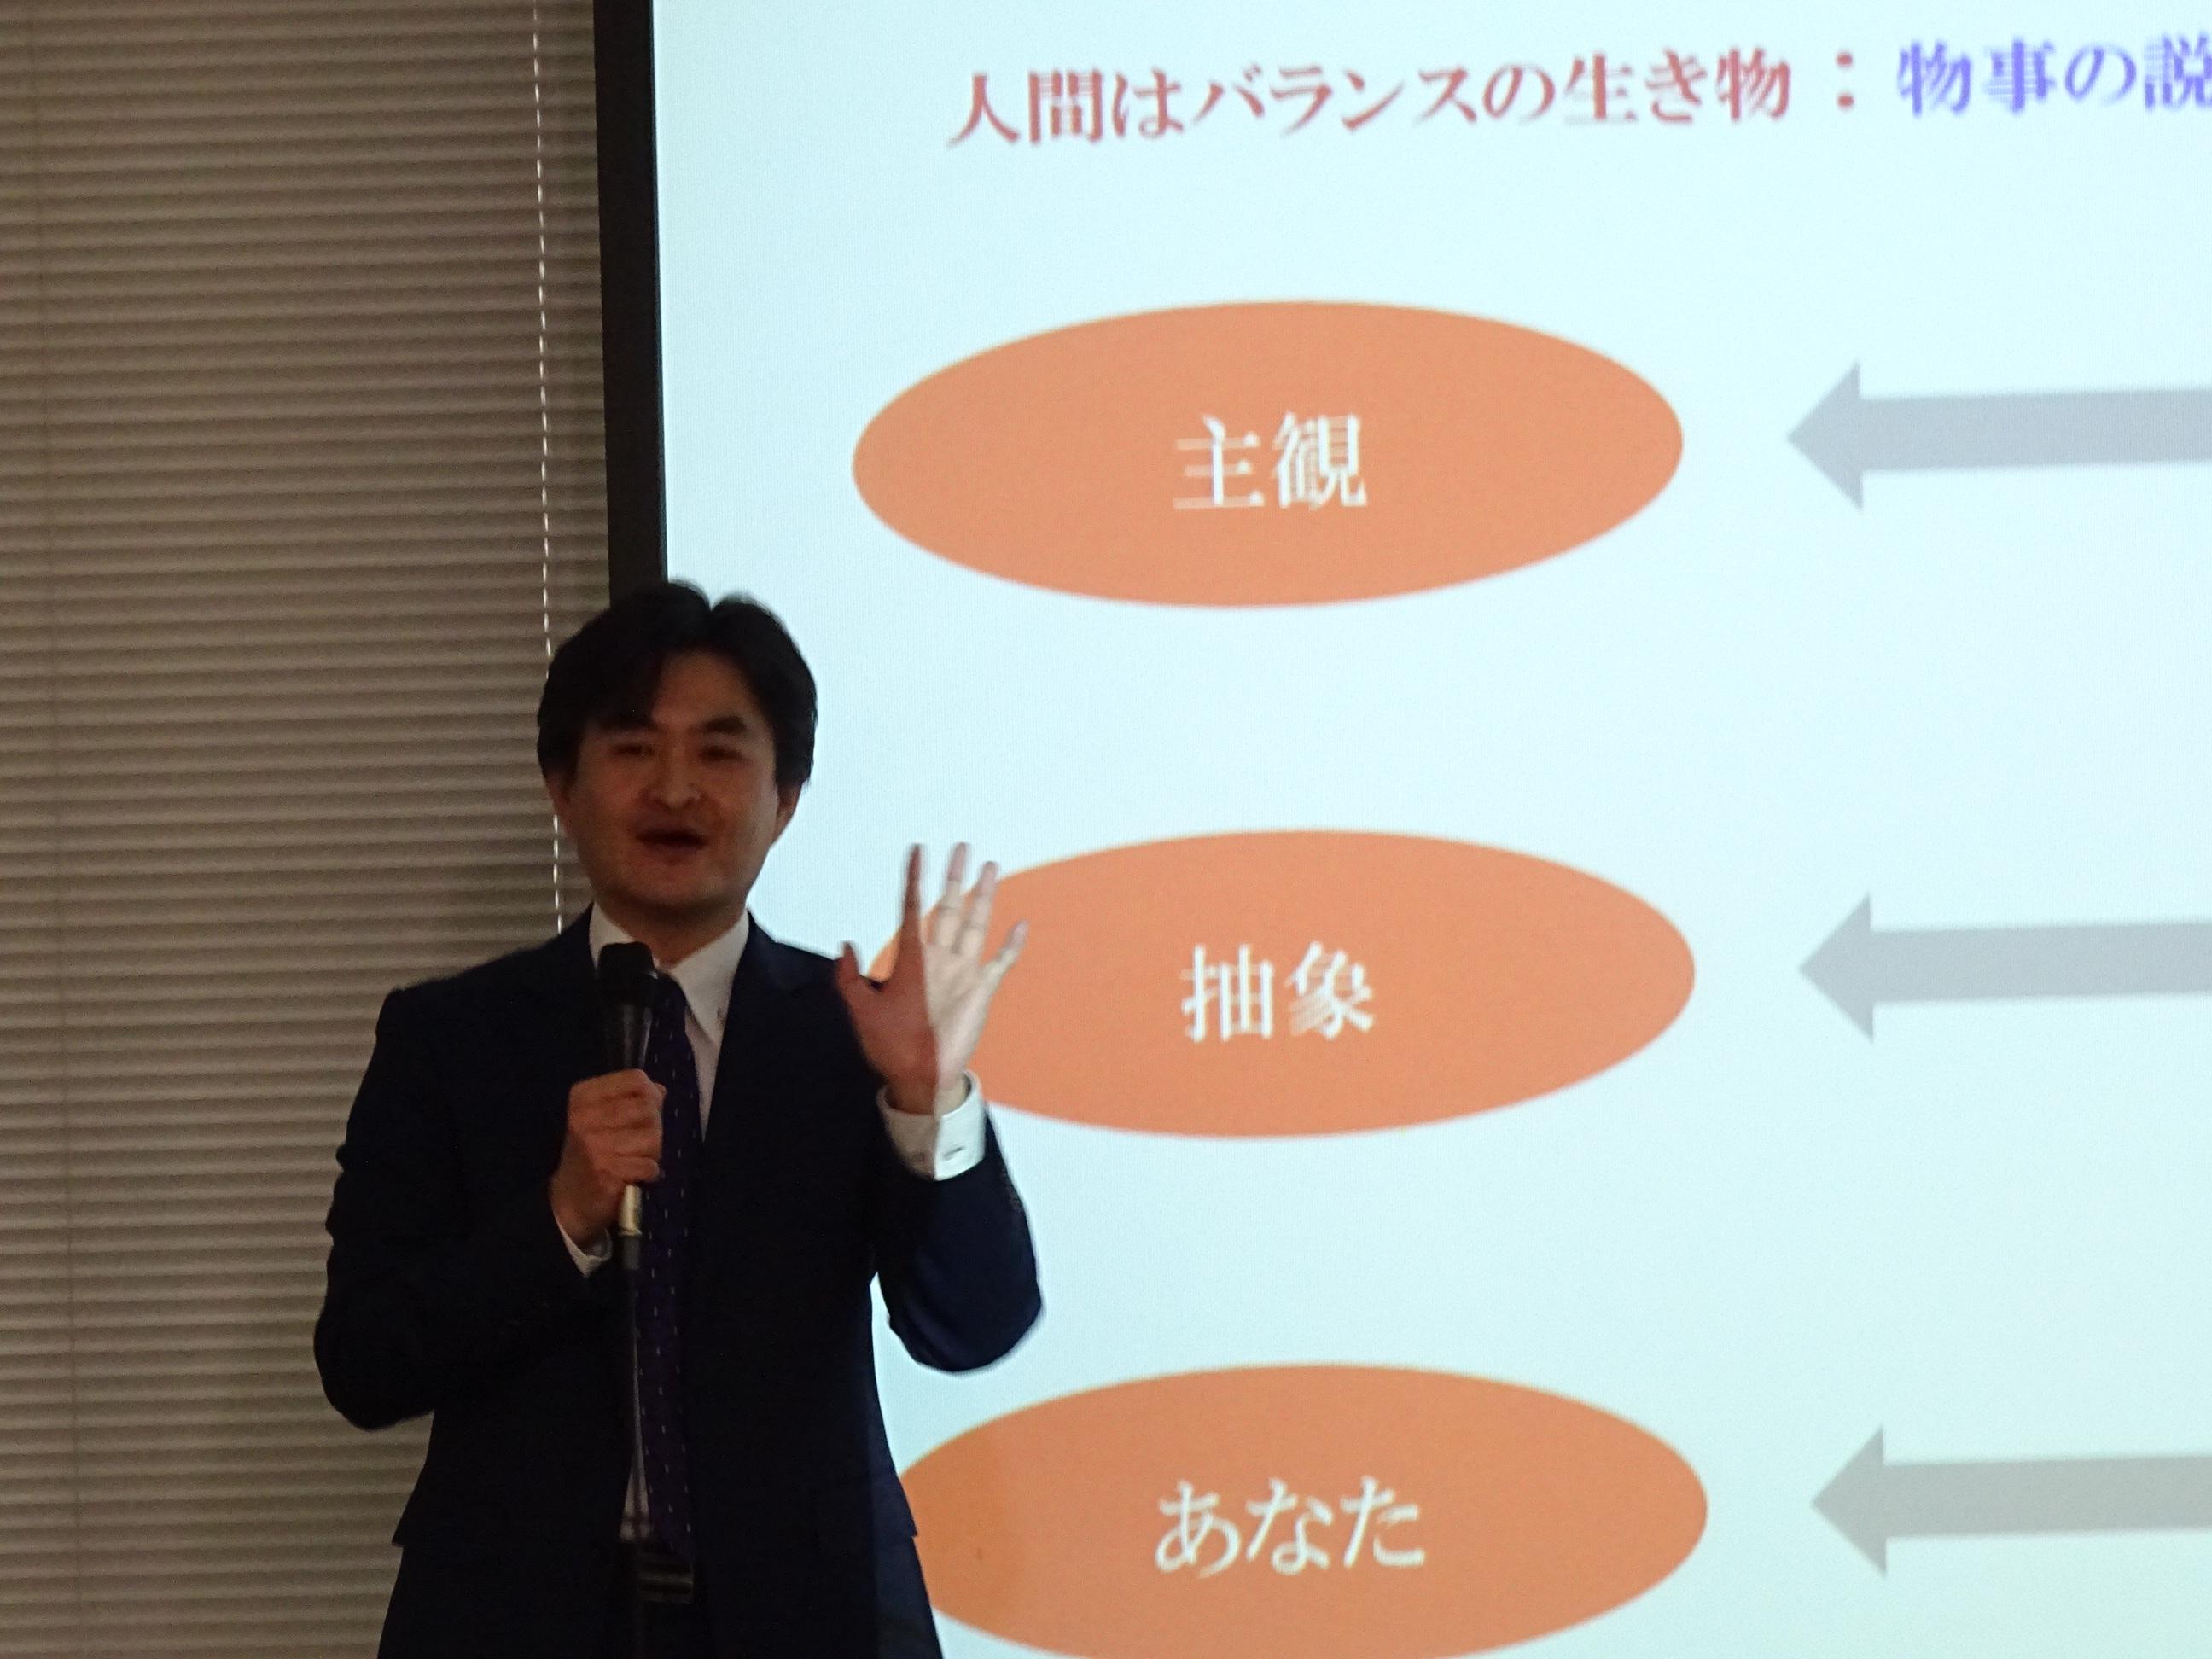 【東京】「なるほど」を引き出す双方向プレゼンテーション講座画像02